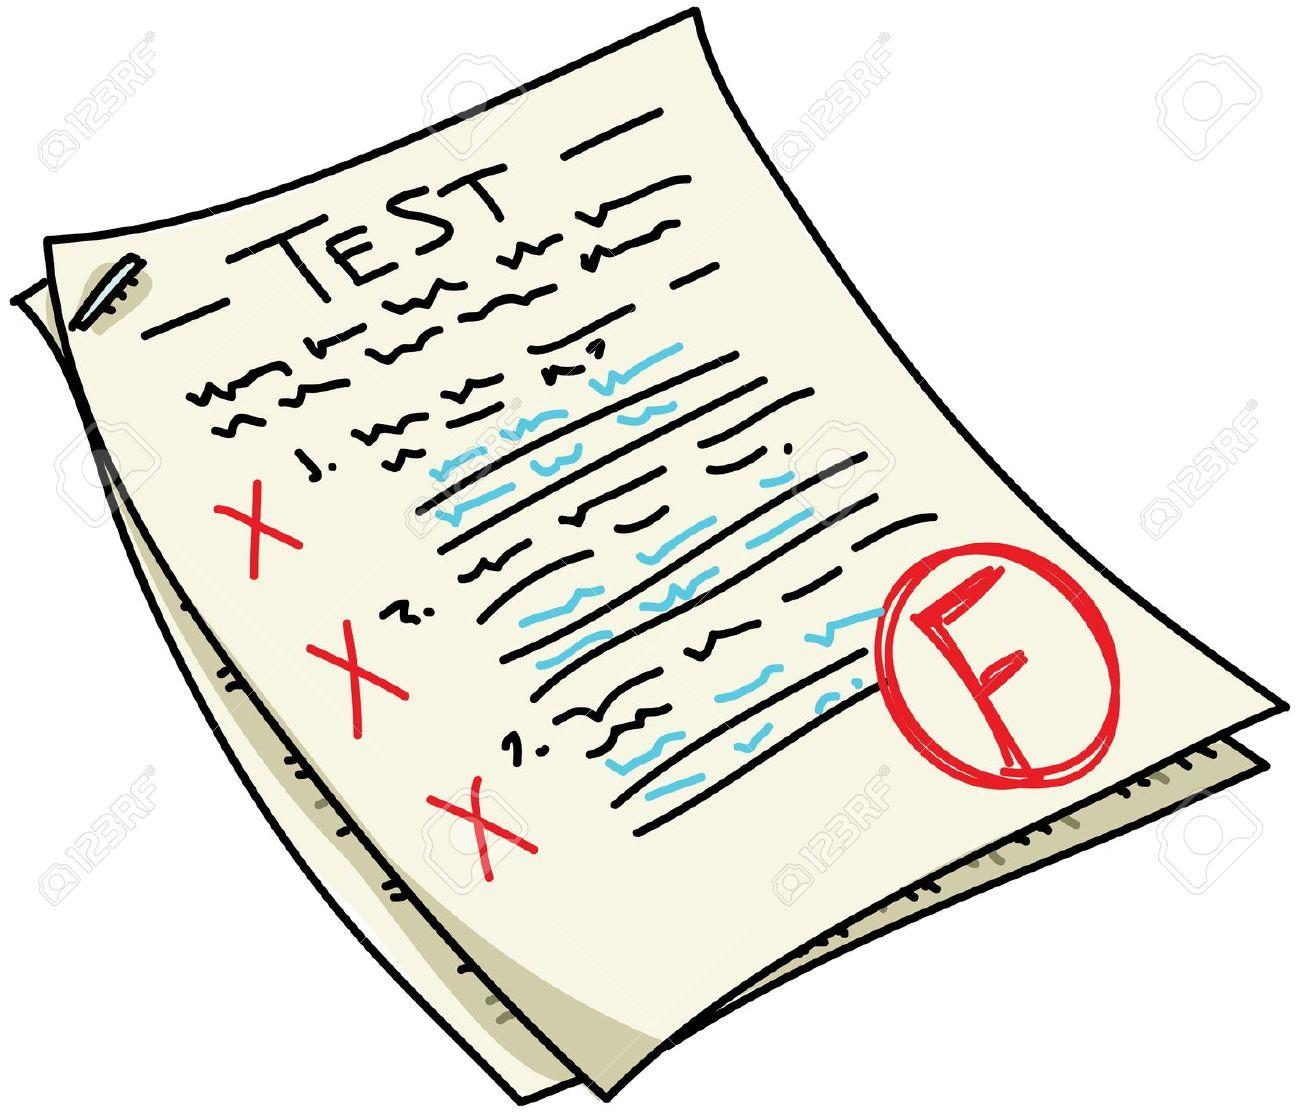 Fail clipart not Test that or test Fail